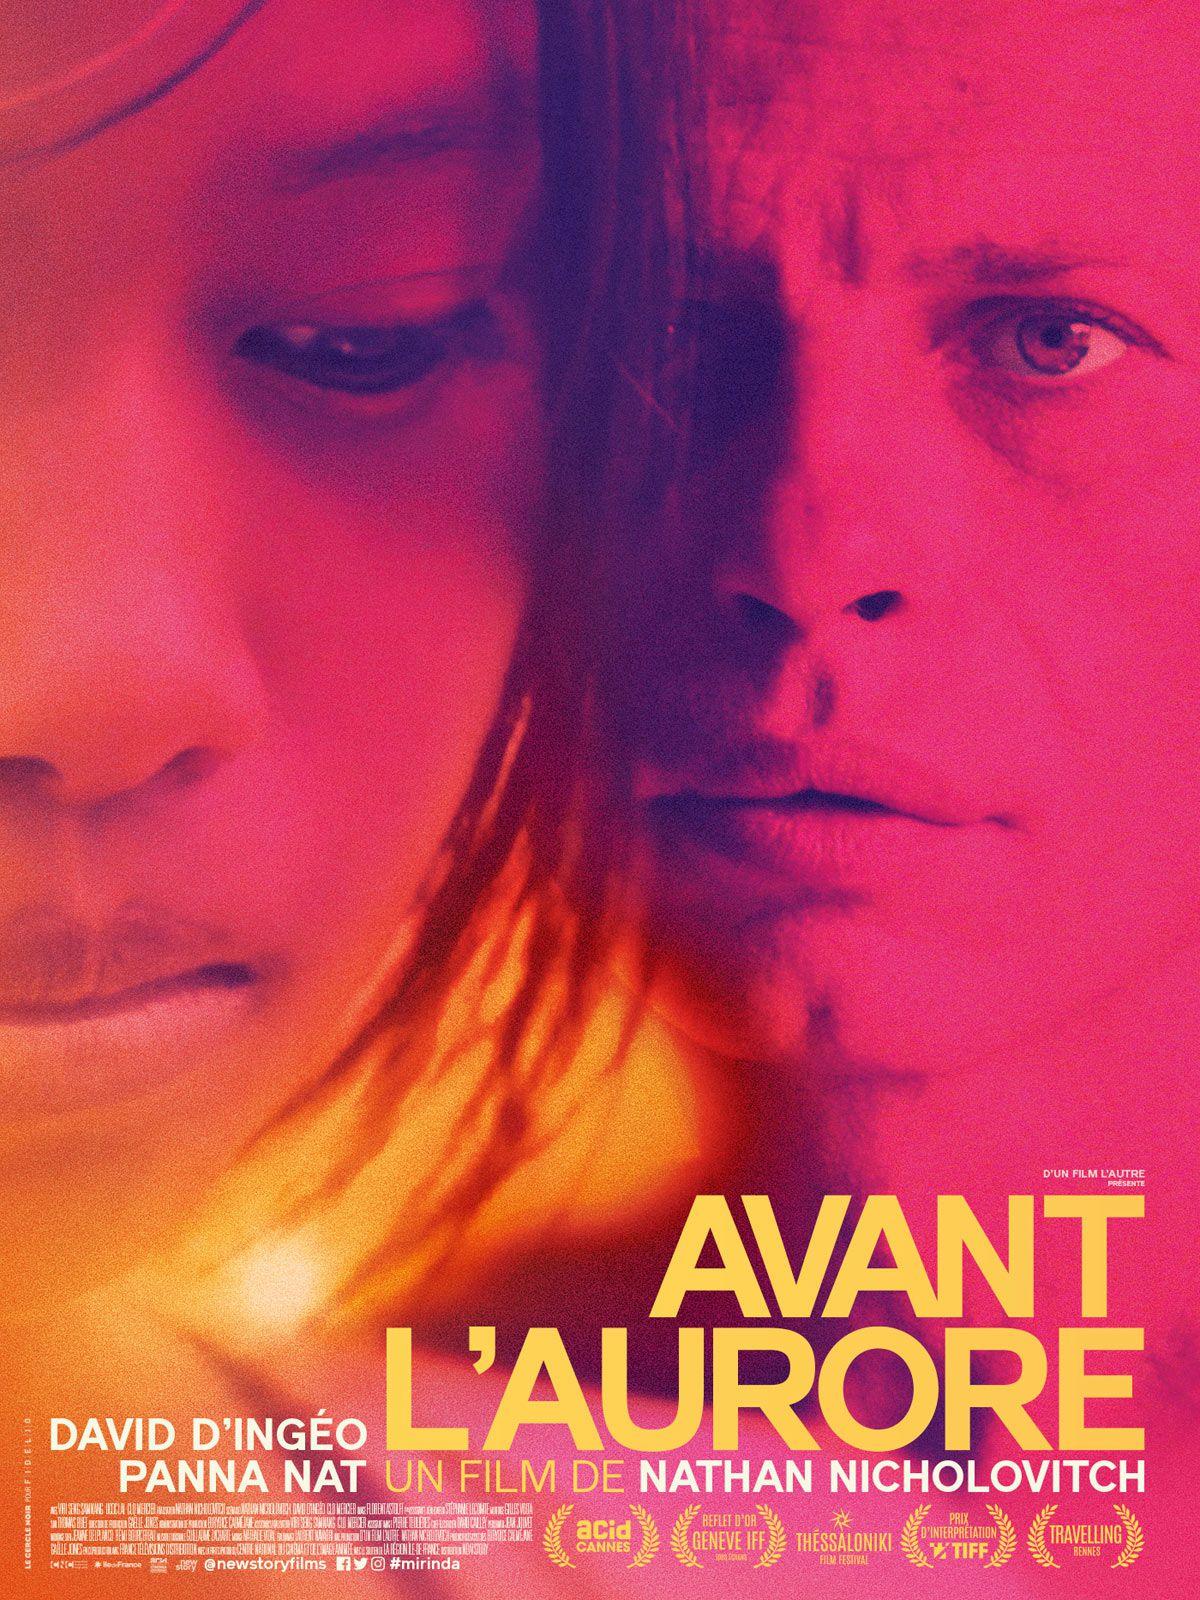 Avant l'aurore - Film (2014)